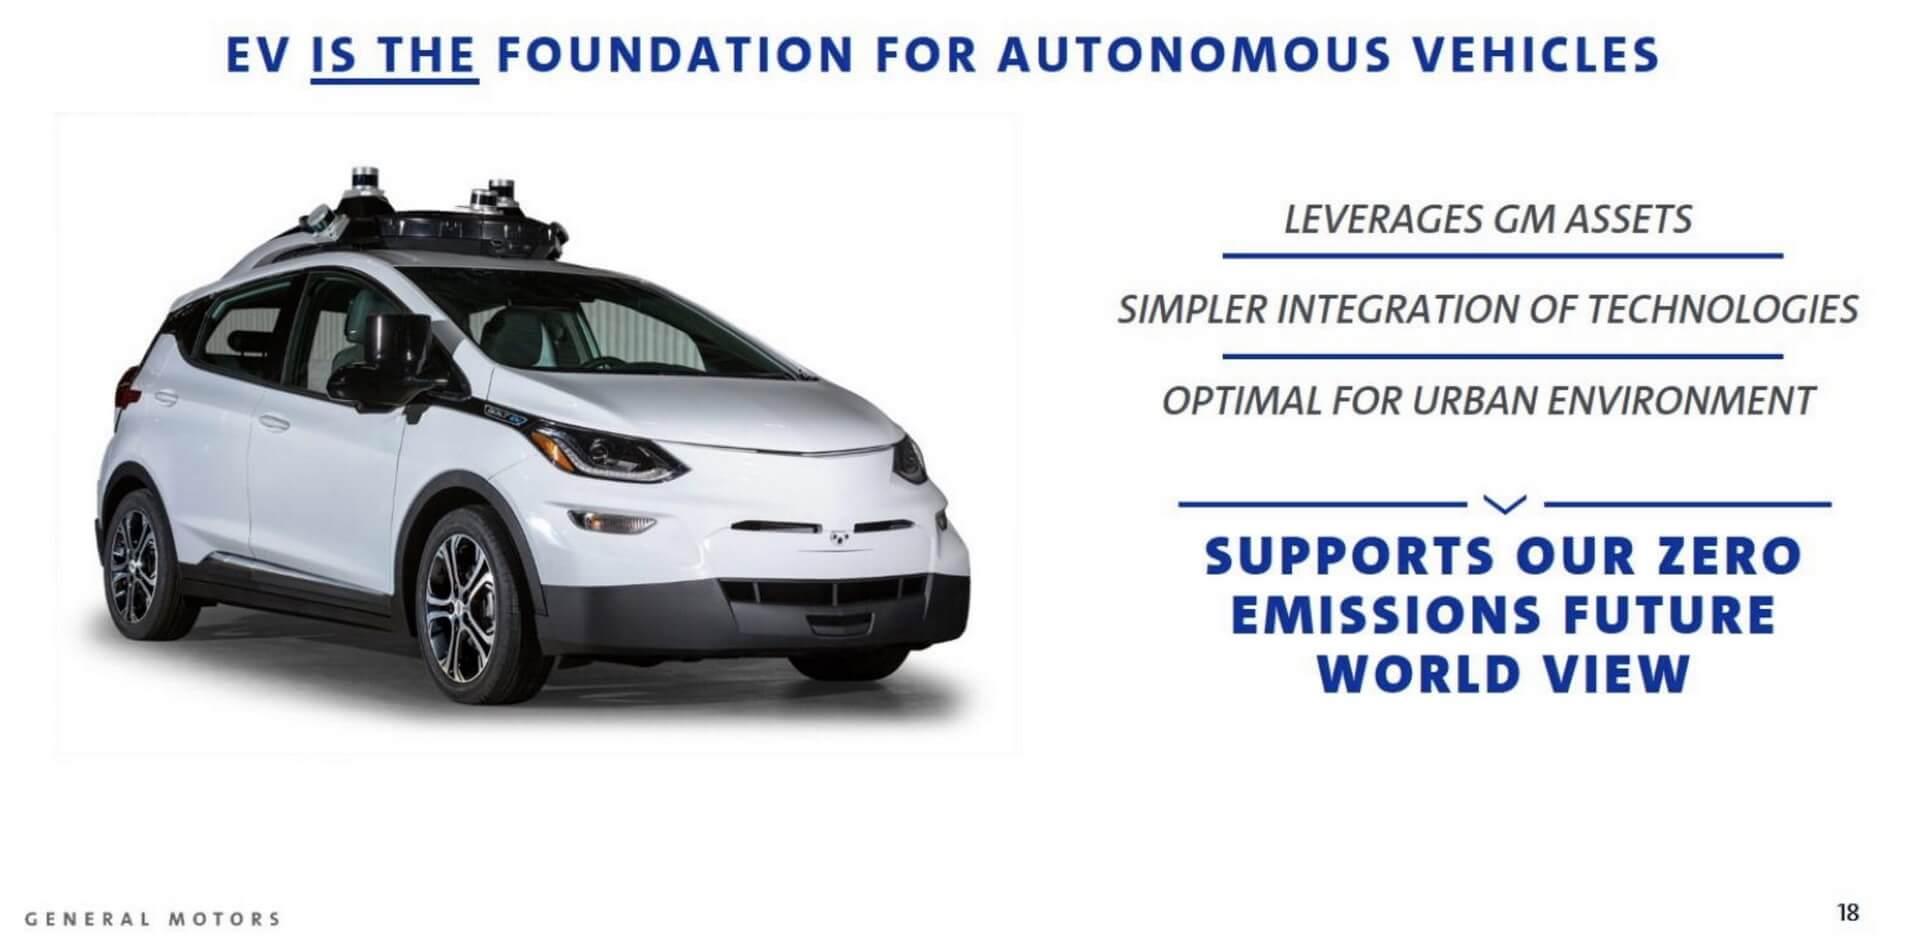 Электромобили GMстанут «фундаментом для автономных транспортных средств»